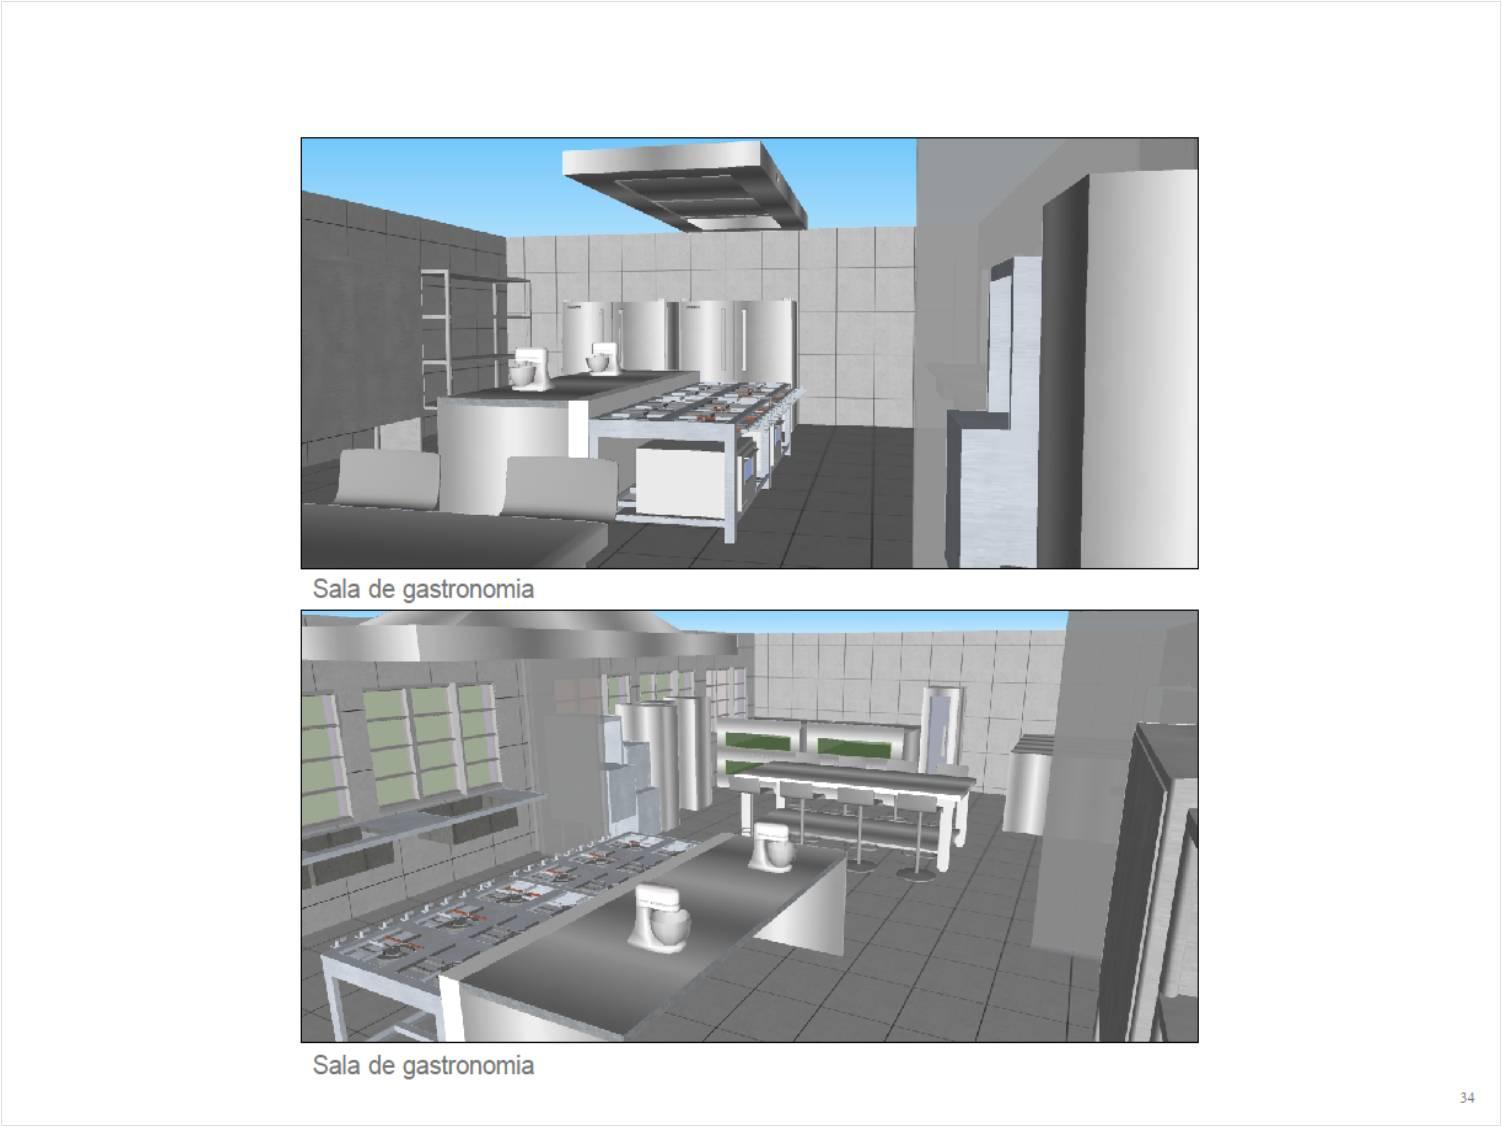 #167AB5 Arquivo da tag: cozinha industrial 1502x1127 px Projeto De Cozinha Industrial Hotel_4665 Imagens